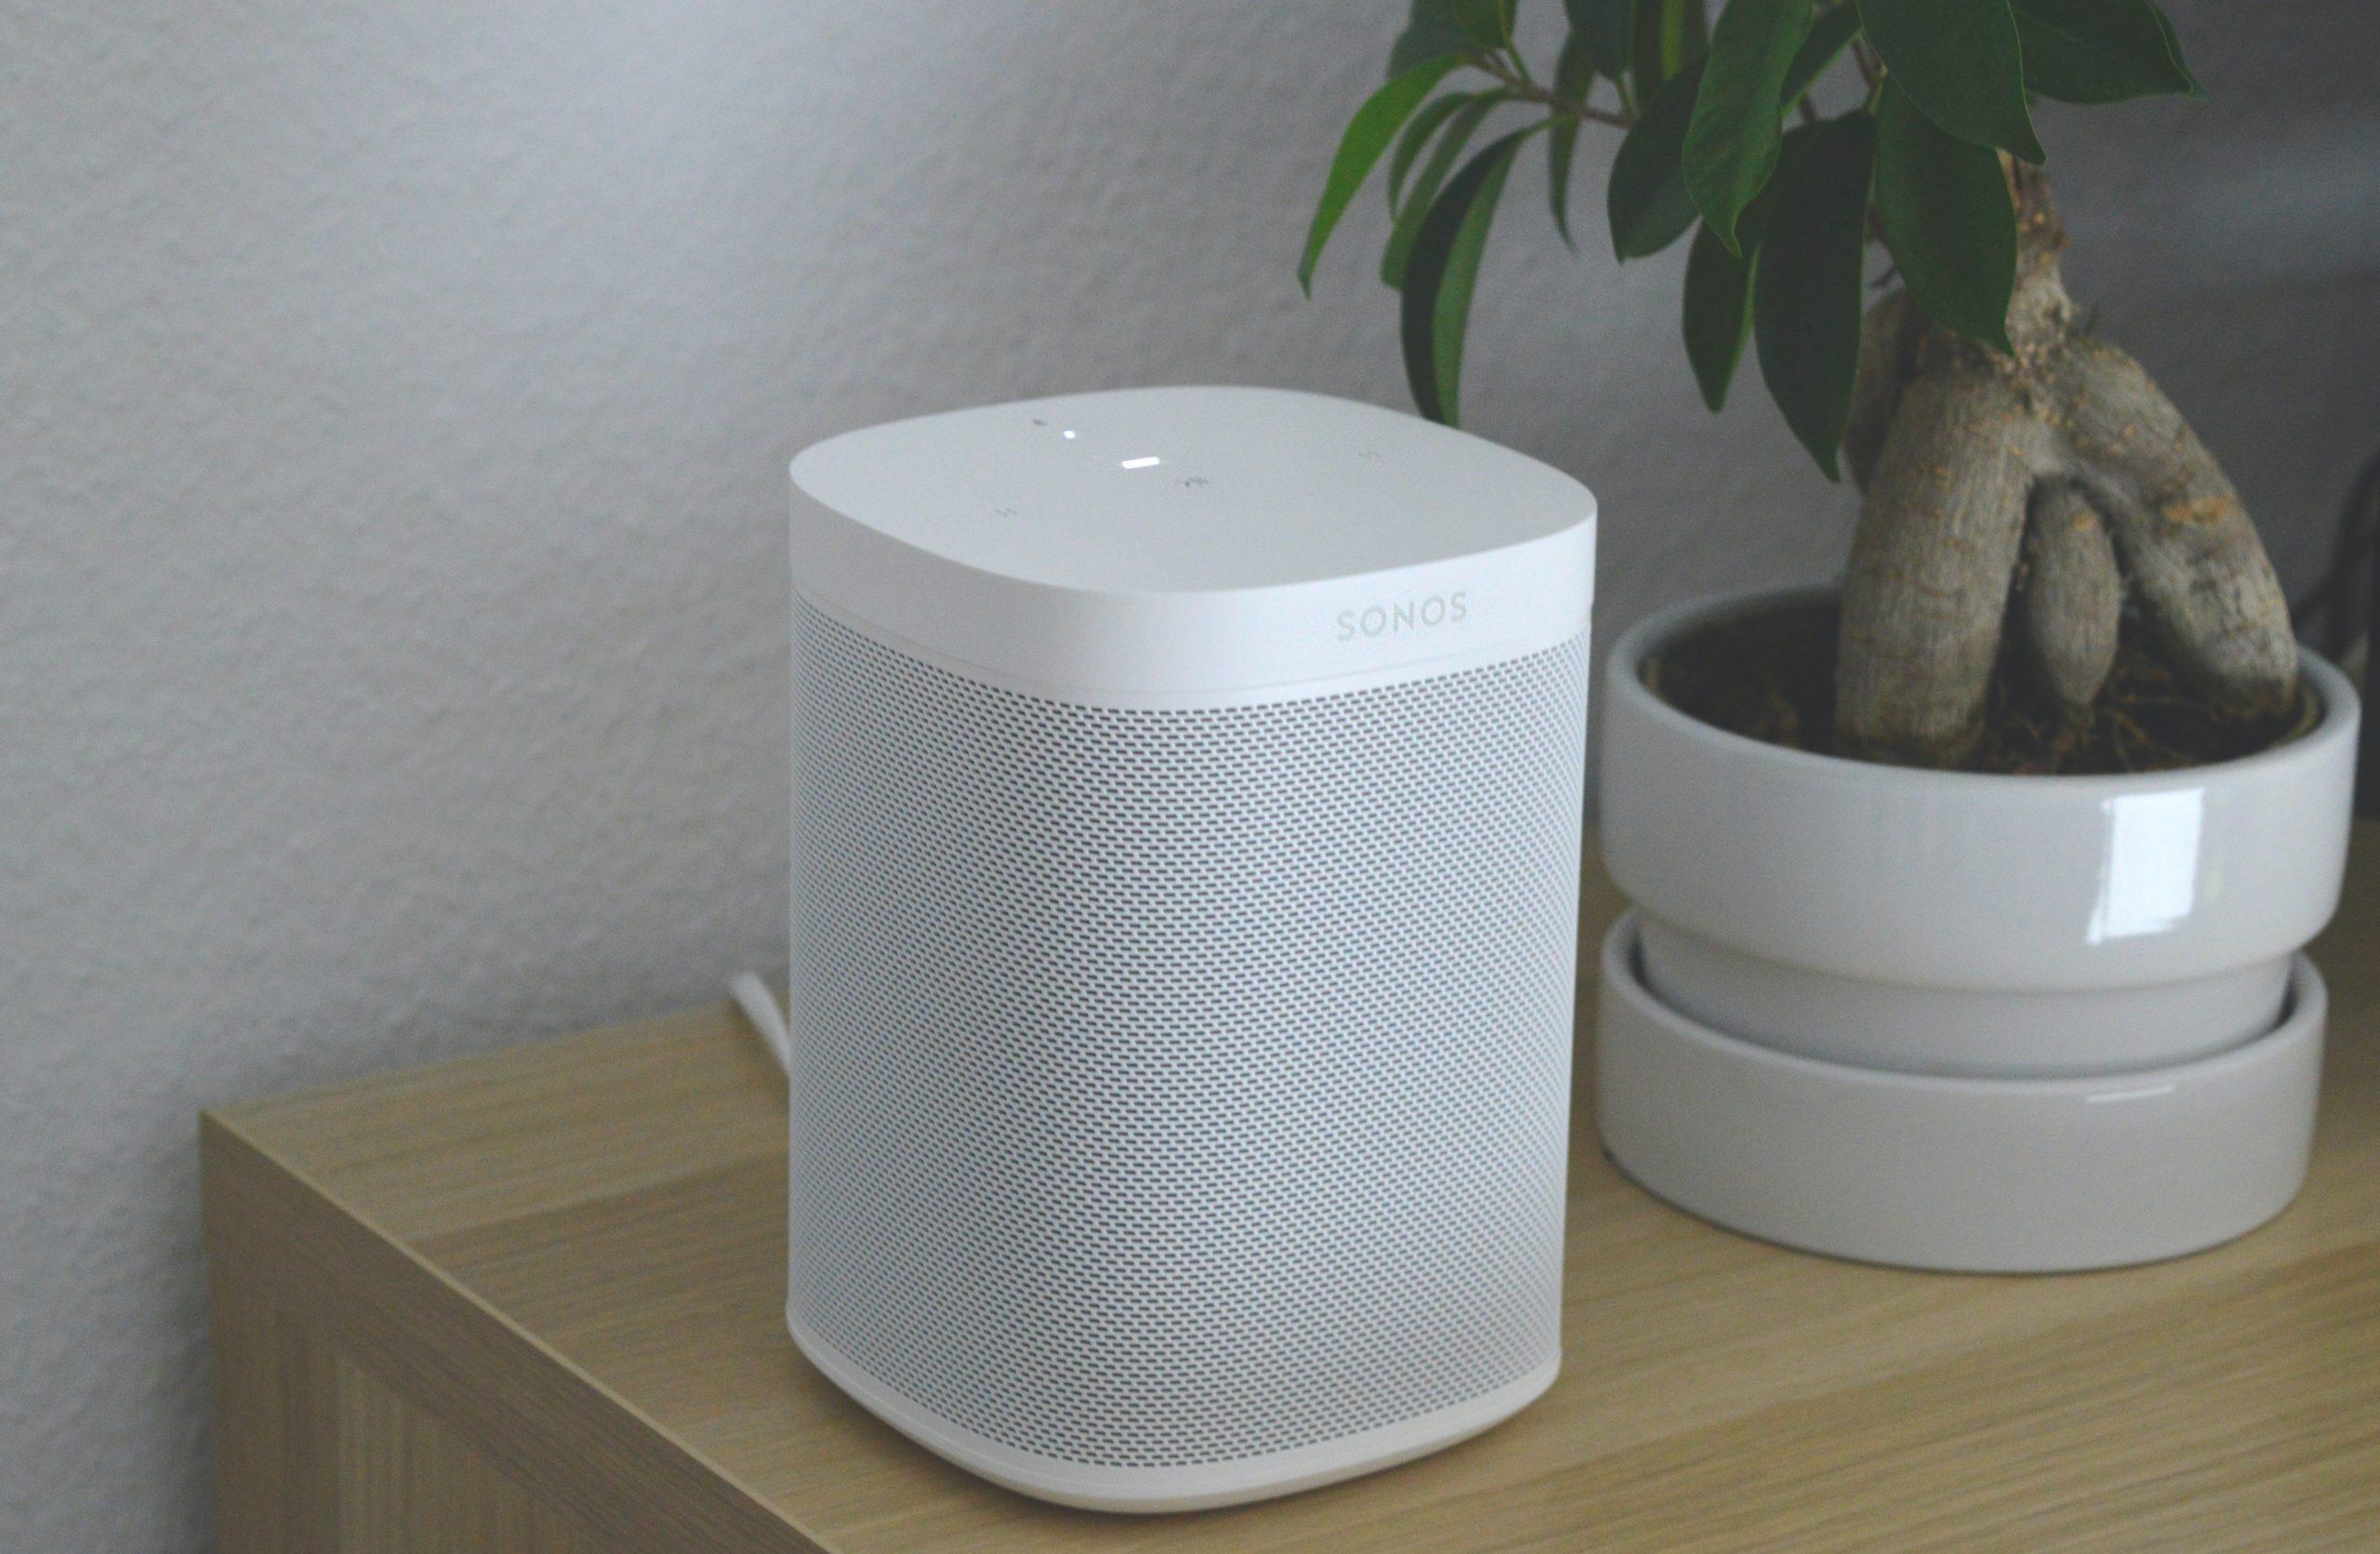 Imagem de uma caixa de som.